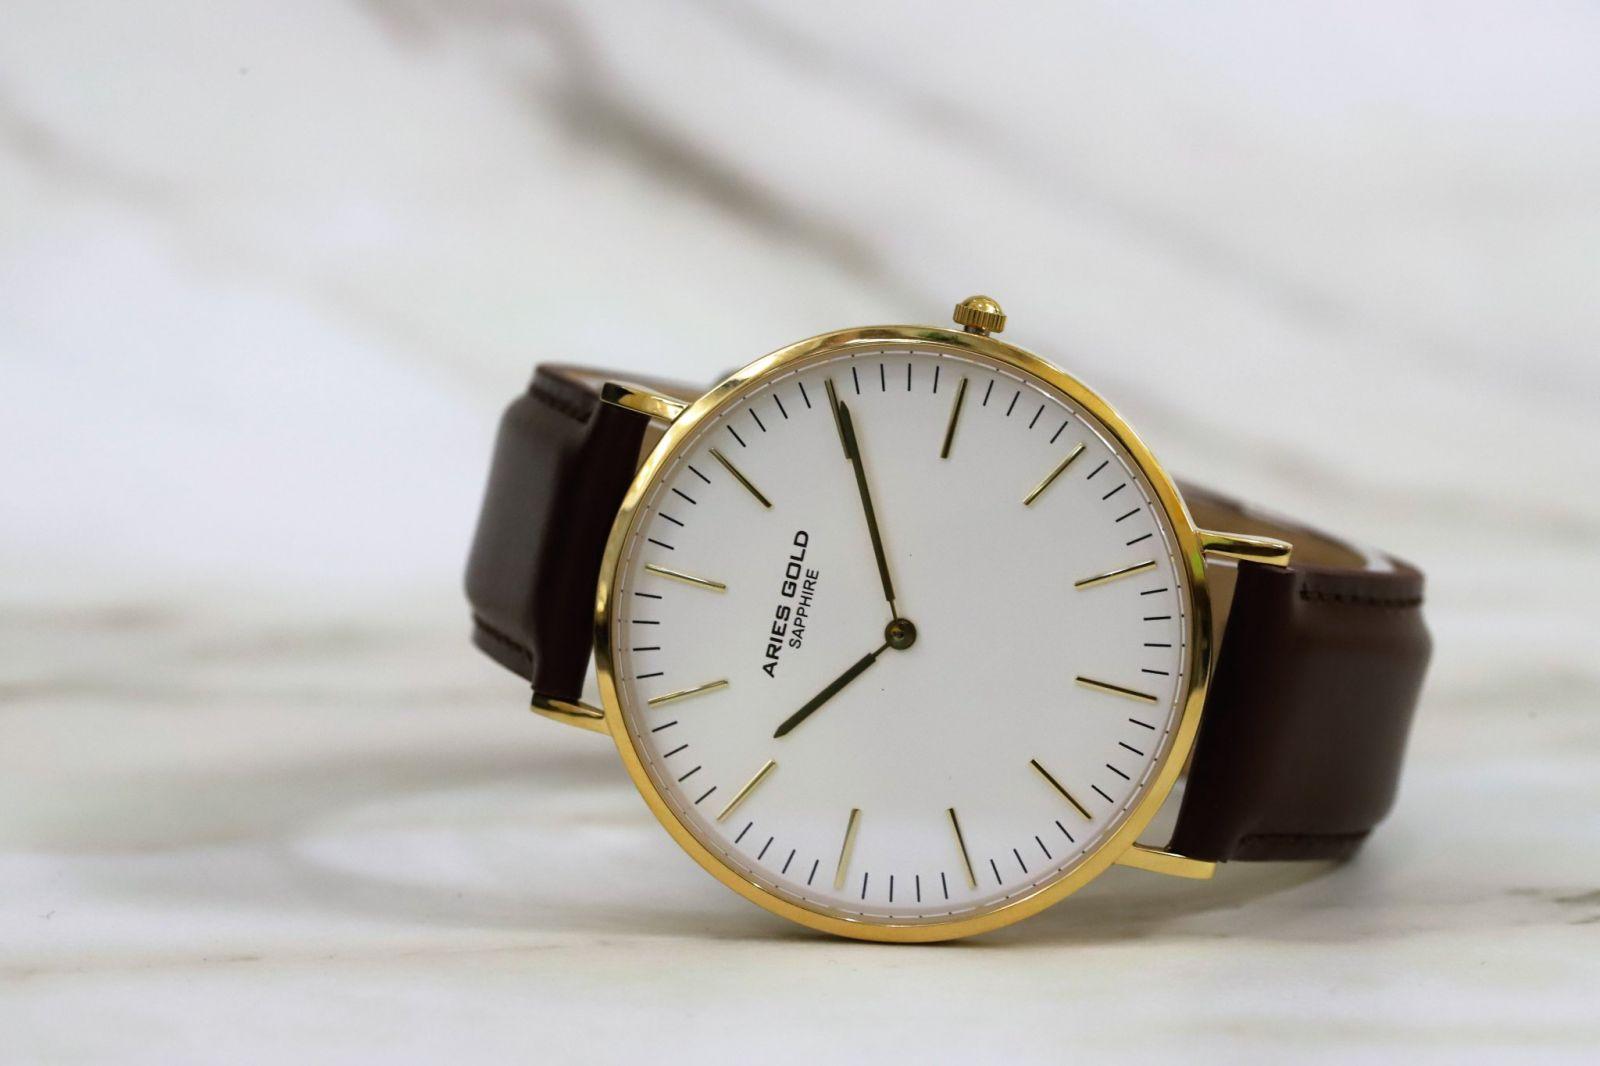 Những mẫu đồng hồ nam được lựa chọn nhiều nhất tại Đăng Quang Watch